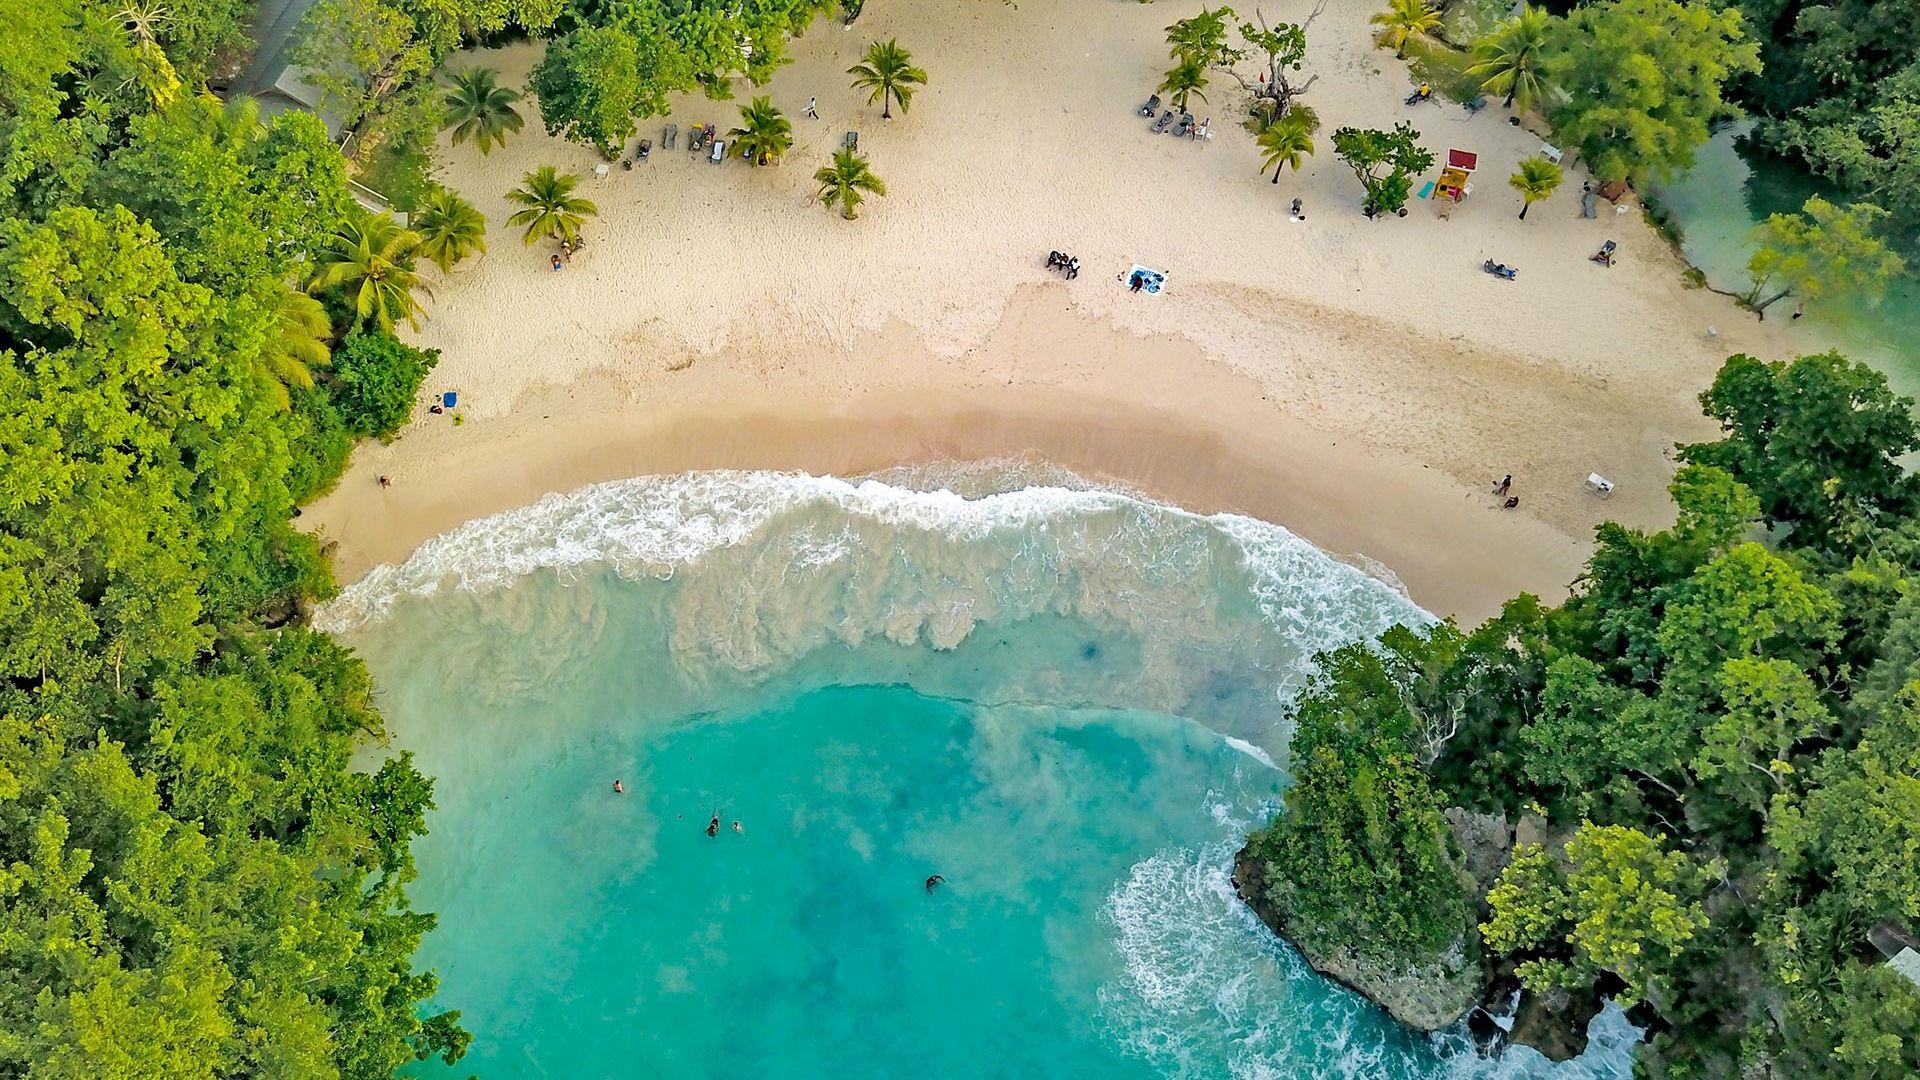 Sejur plaja Montego Bay, 9 zile - martie 2022